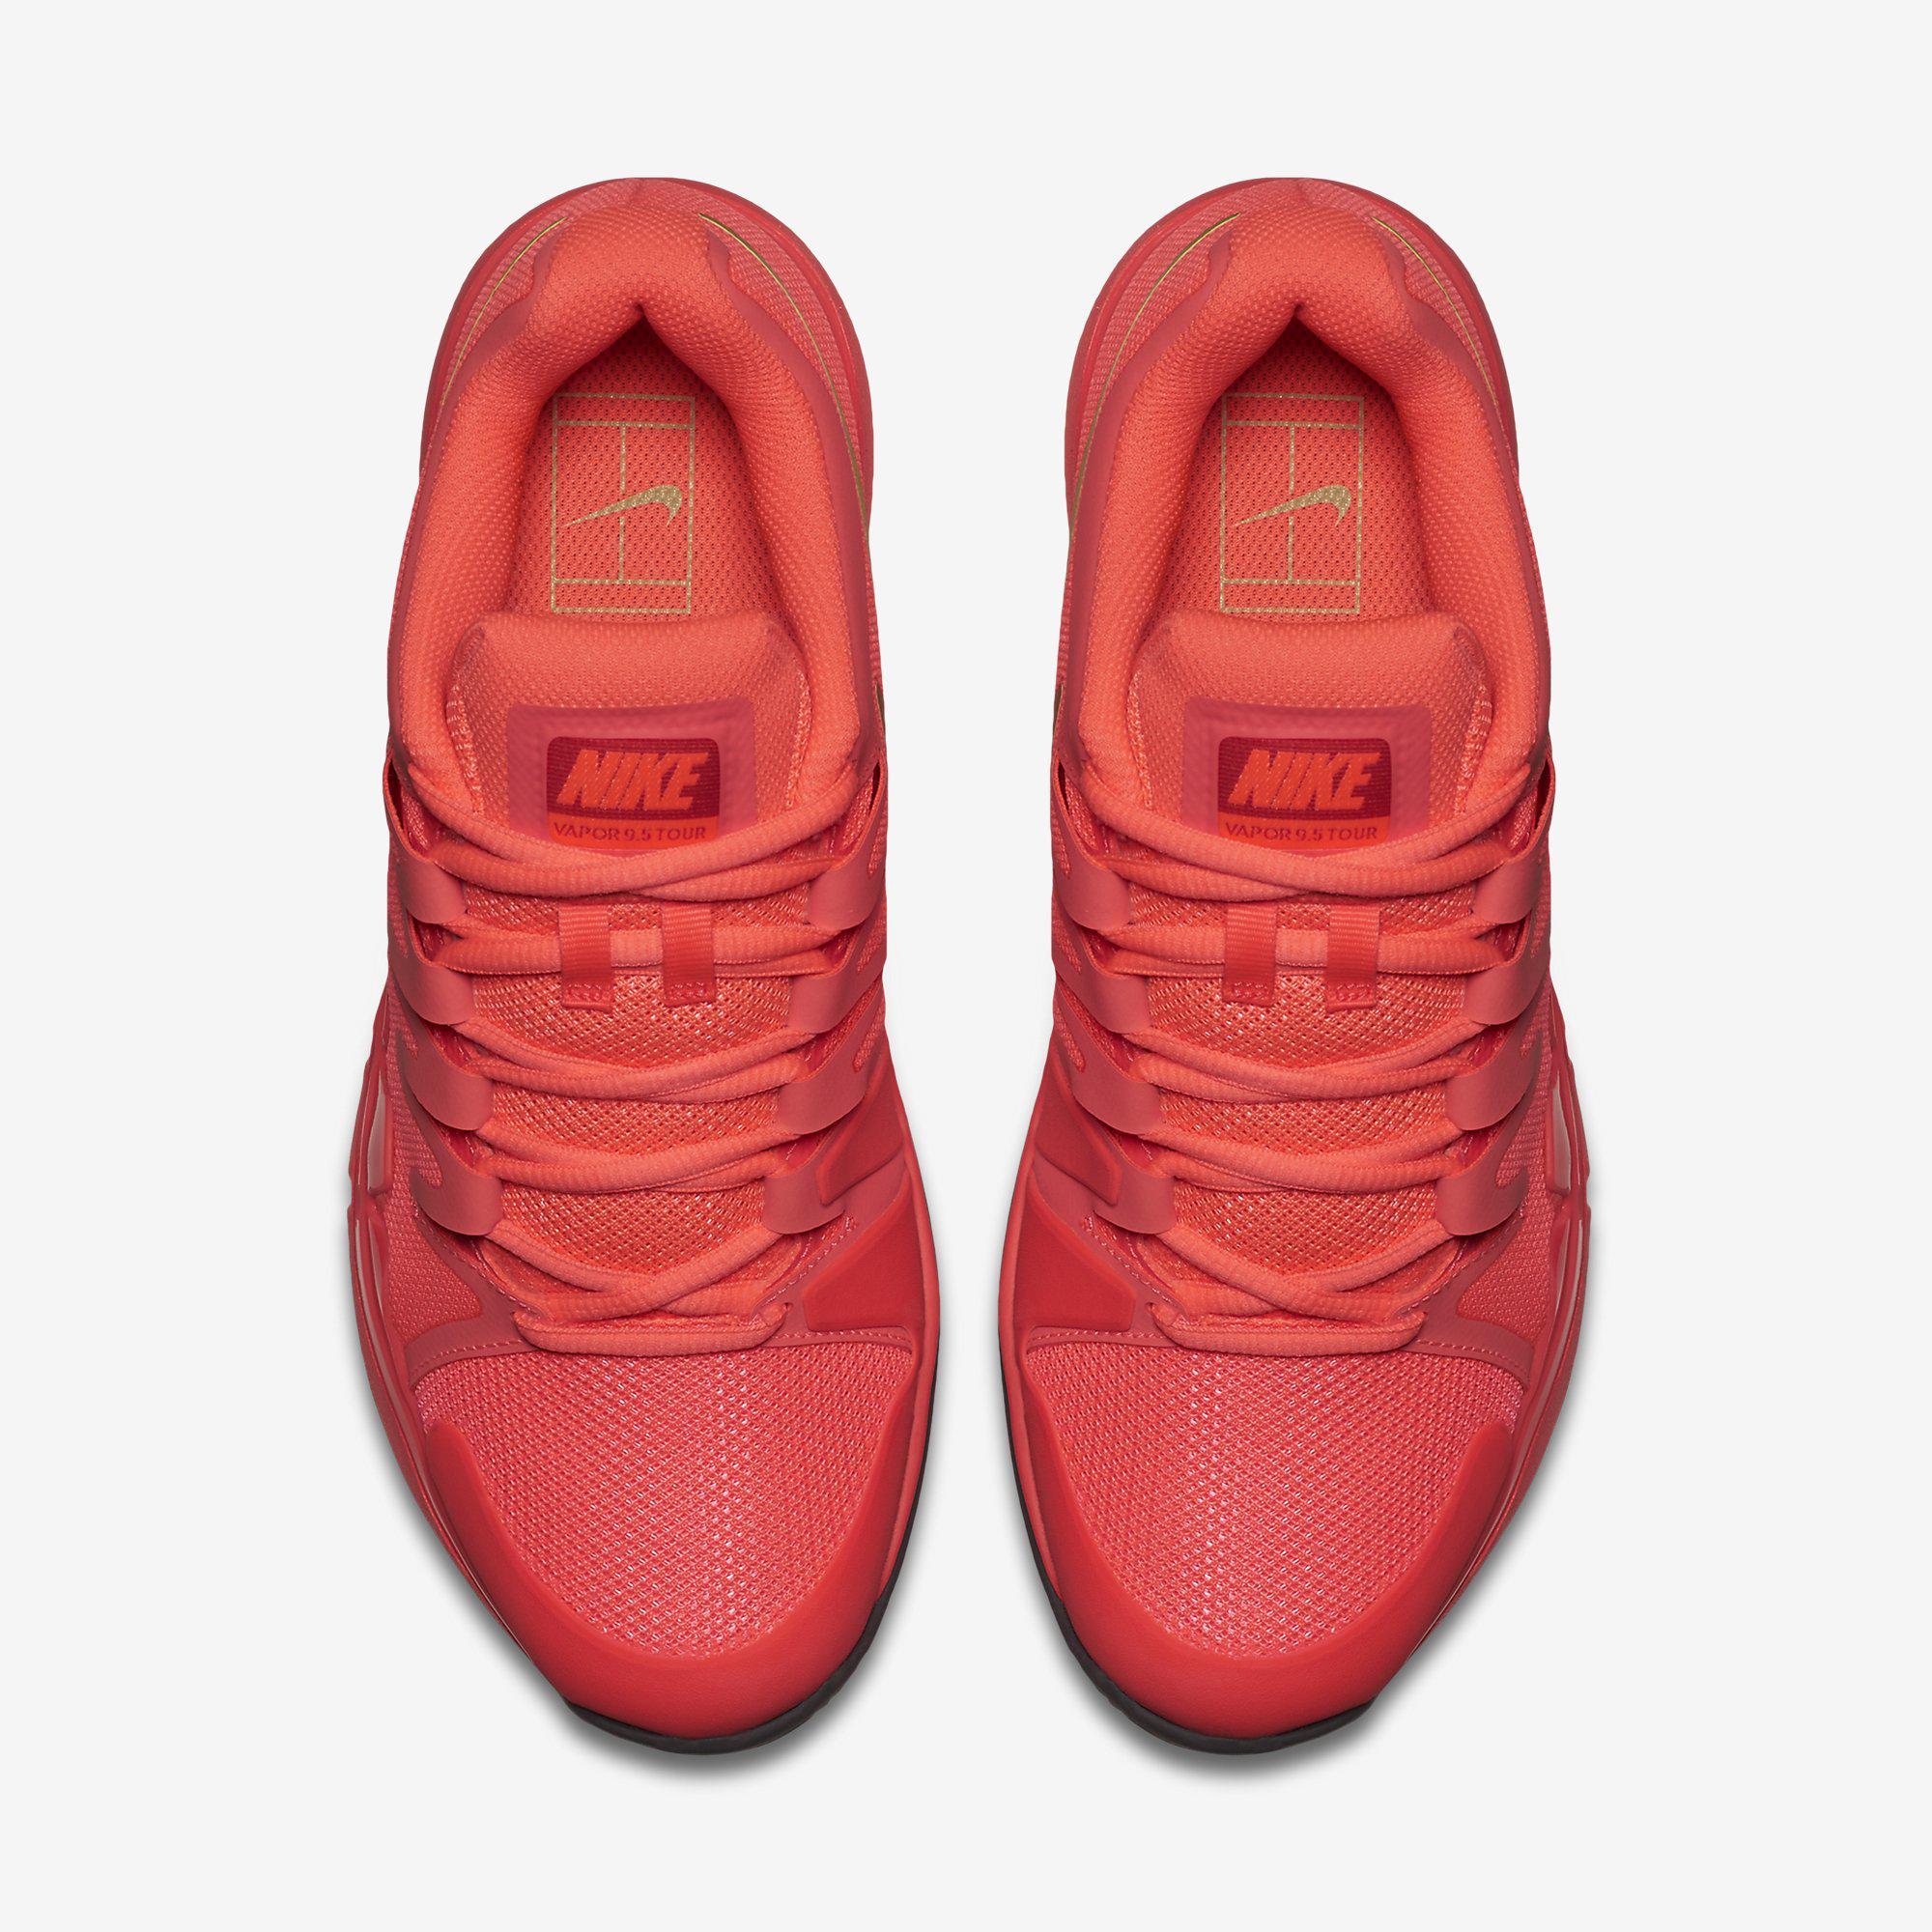 Nike Kvinners Joggesko 9.5 cdFQvIPC3